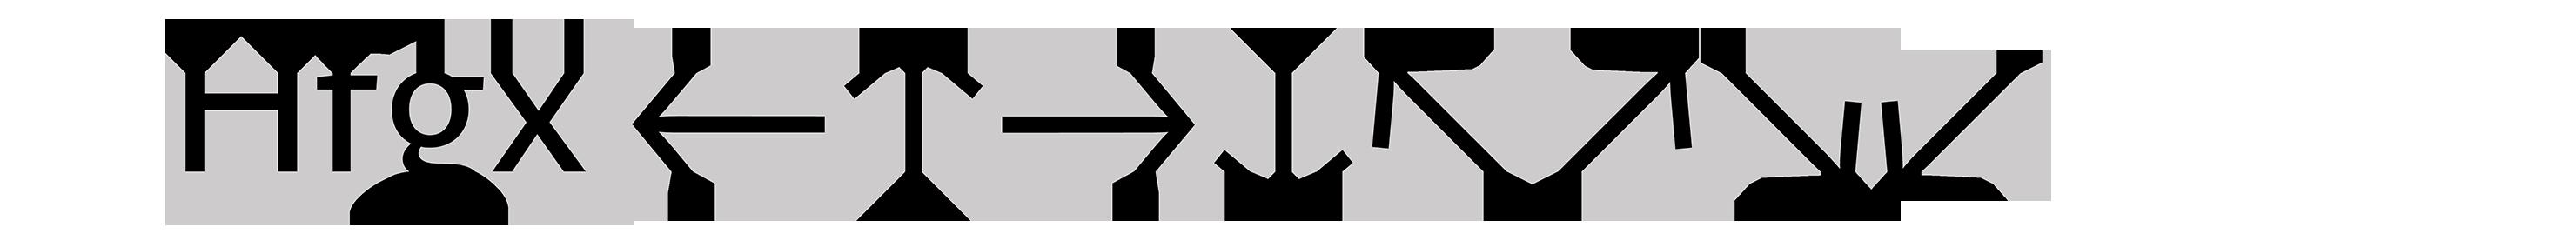 Typeface-Novel-Sans-F22-Atlas-Font-Foundry